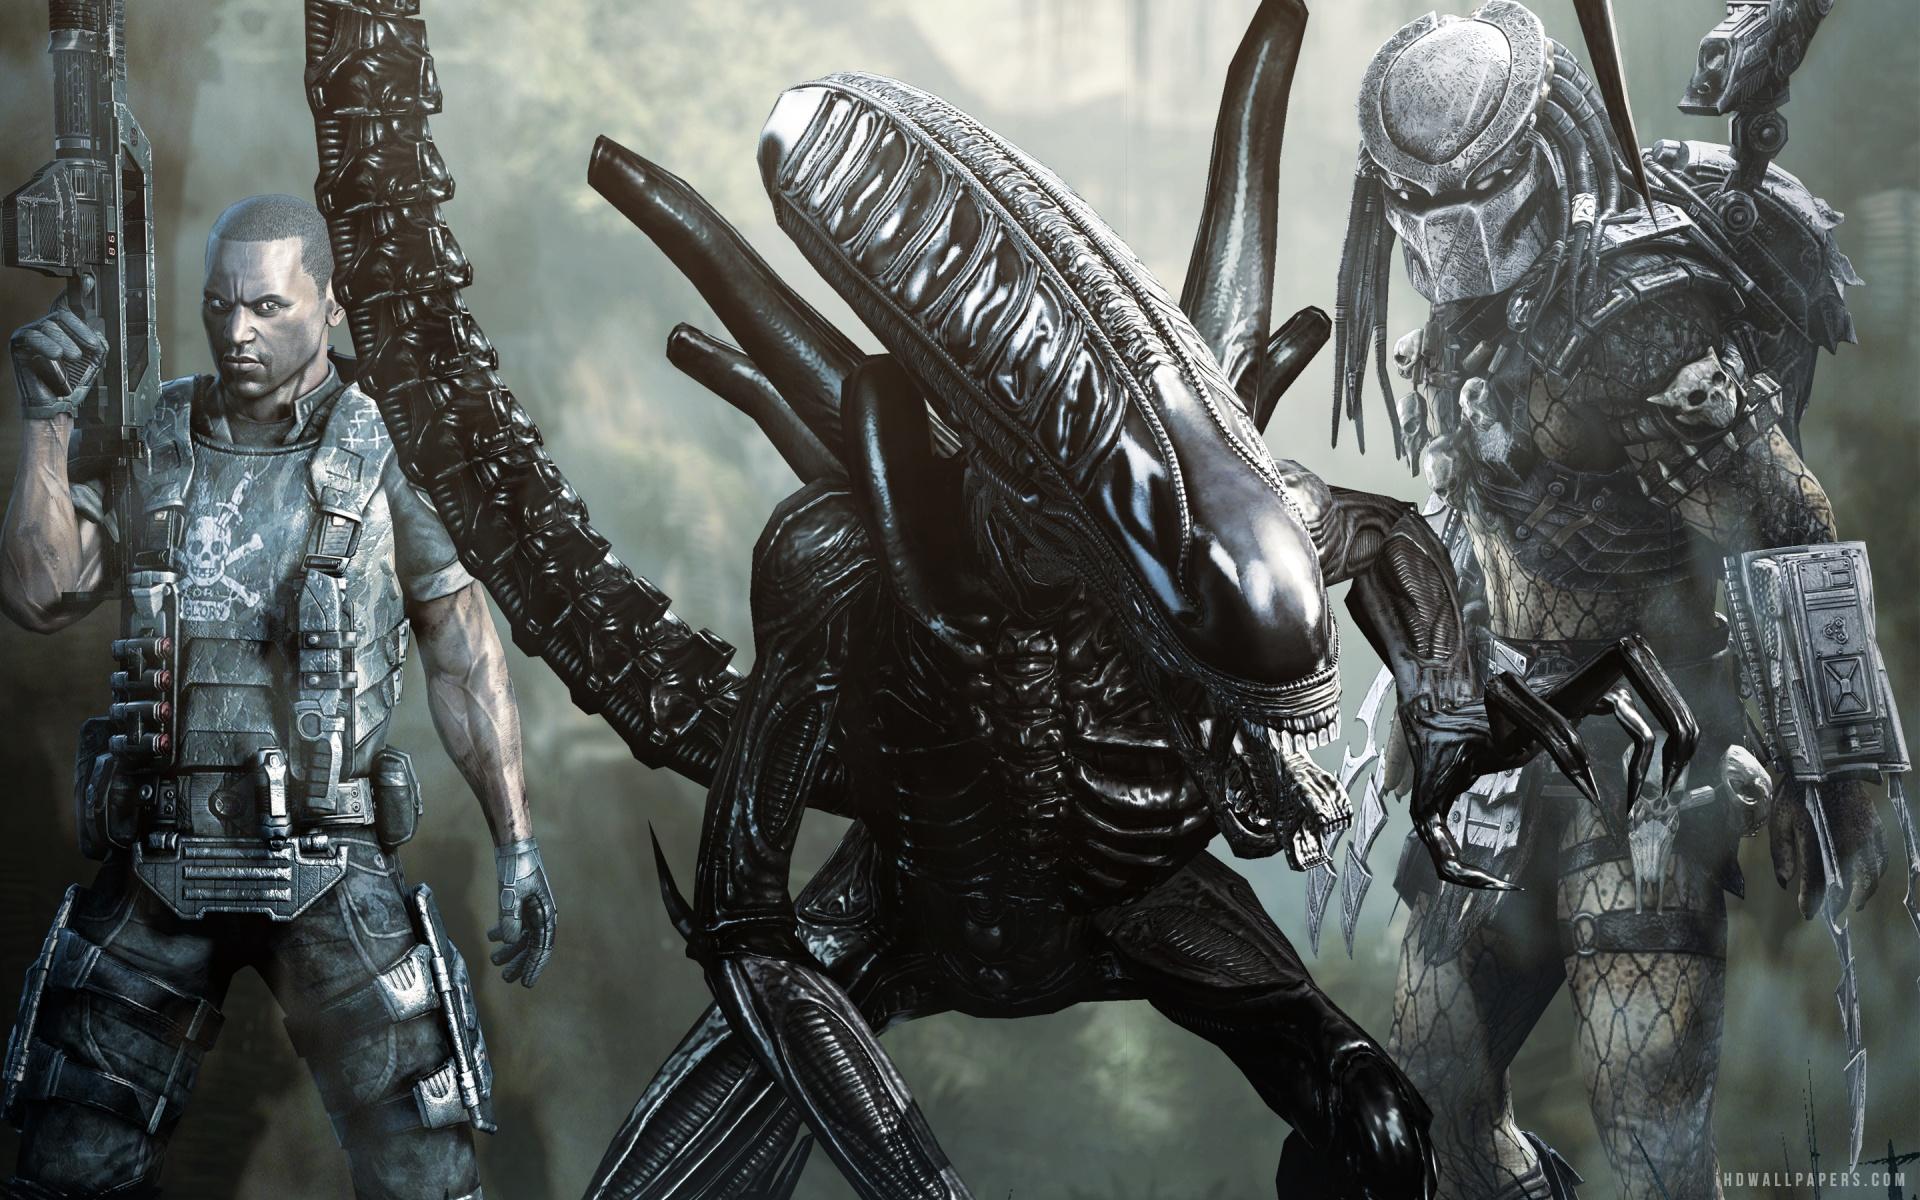 RGC Huge Poster - Aliens vs Predator PS3 XBOX 360 - OTH112  |Alien Vs Predator Xbox 360 Wallpaper